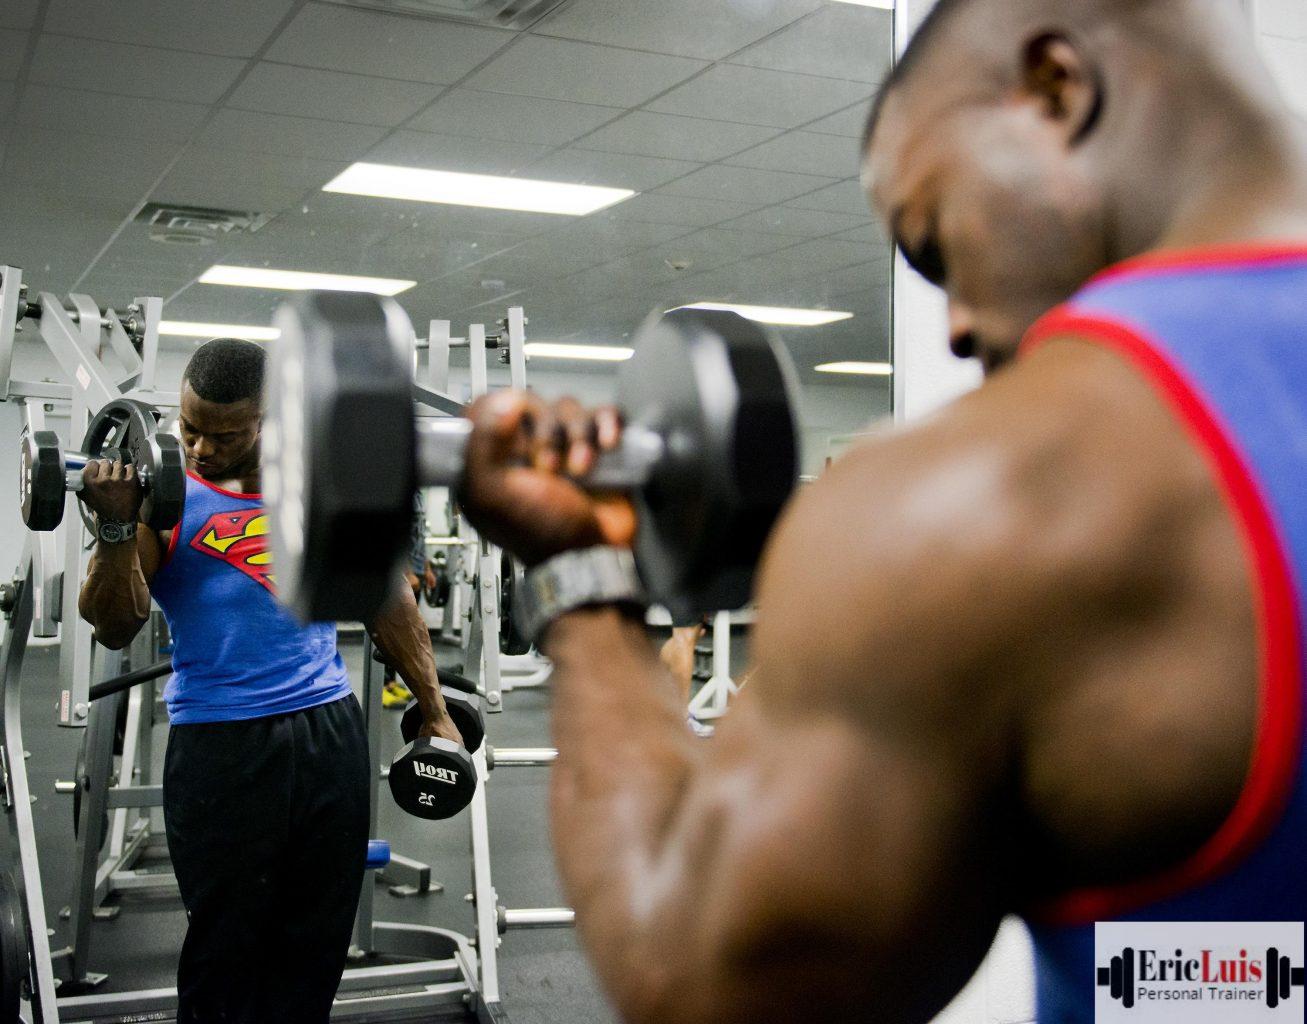 bulking season workout plan